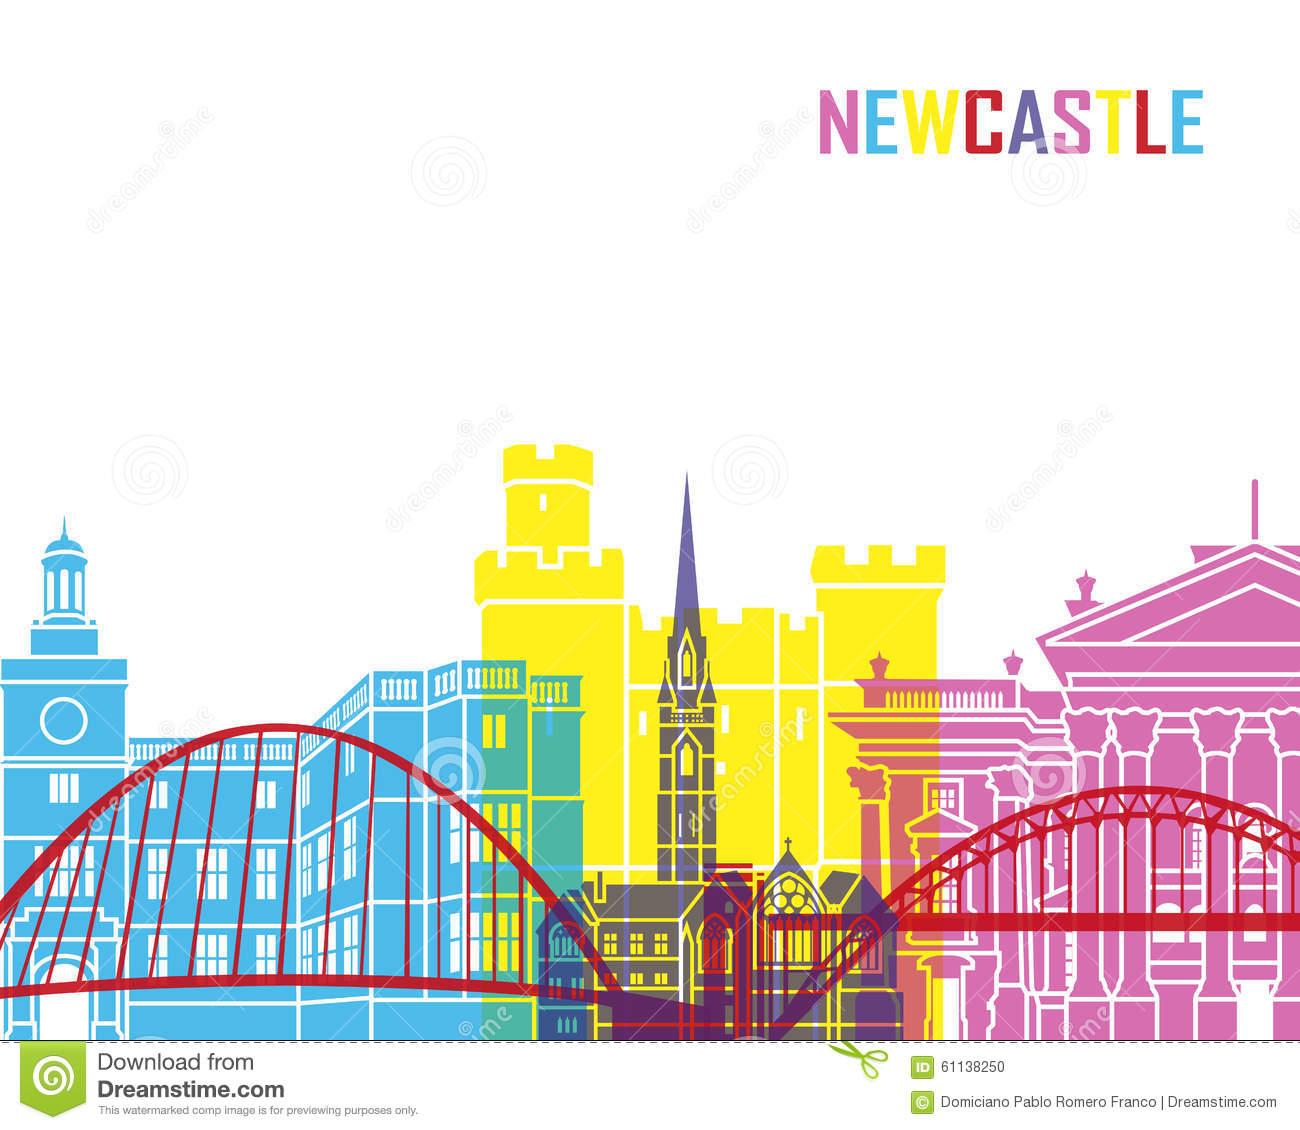 New castle clipart.